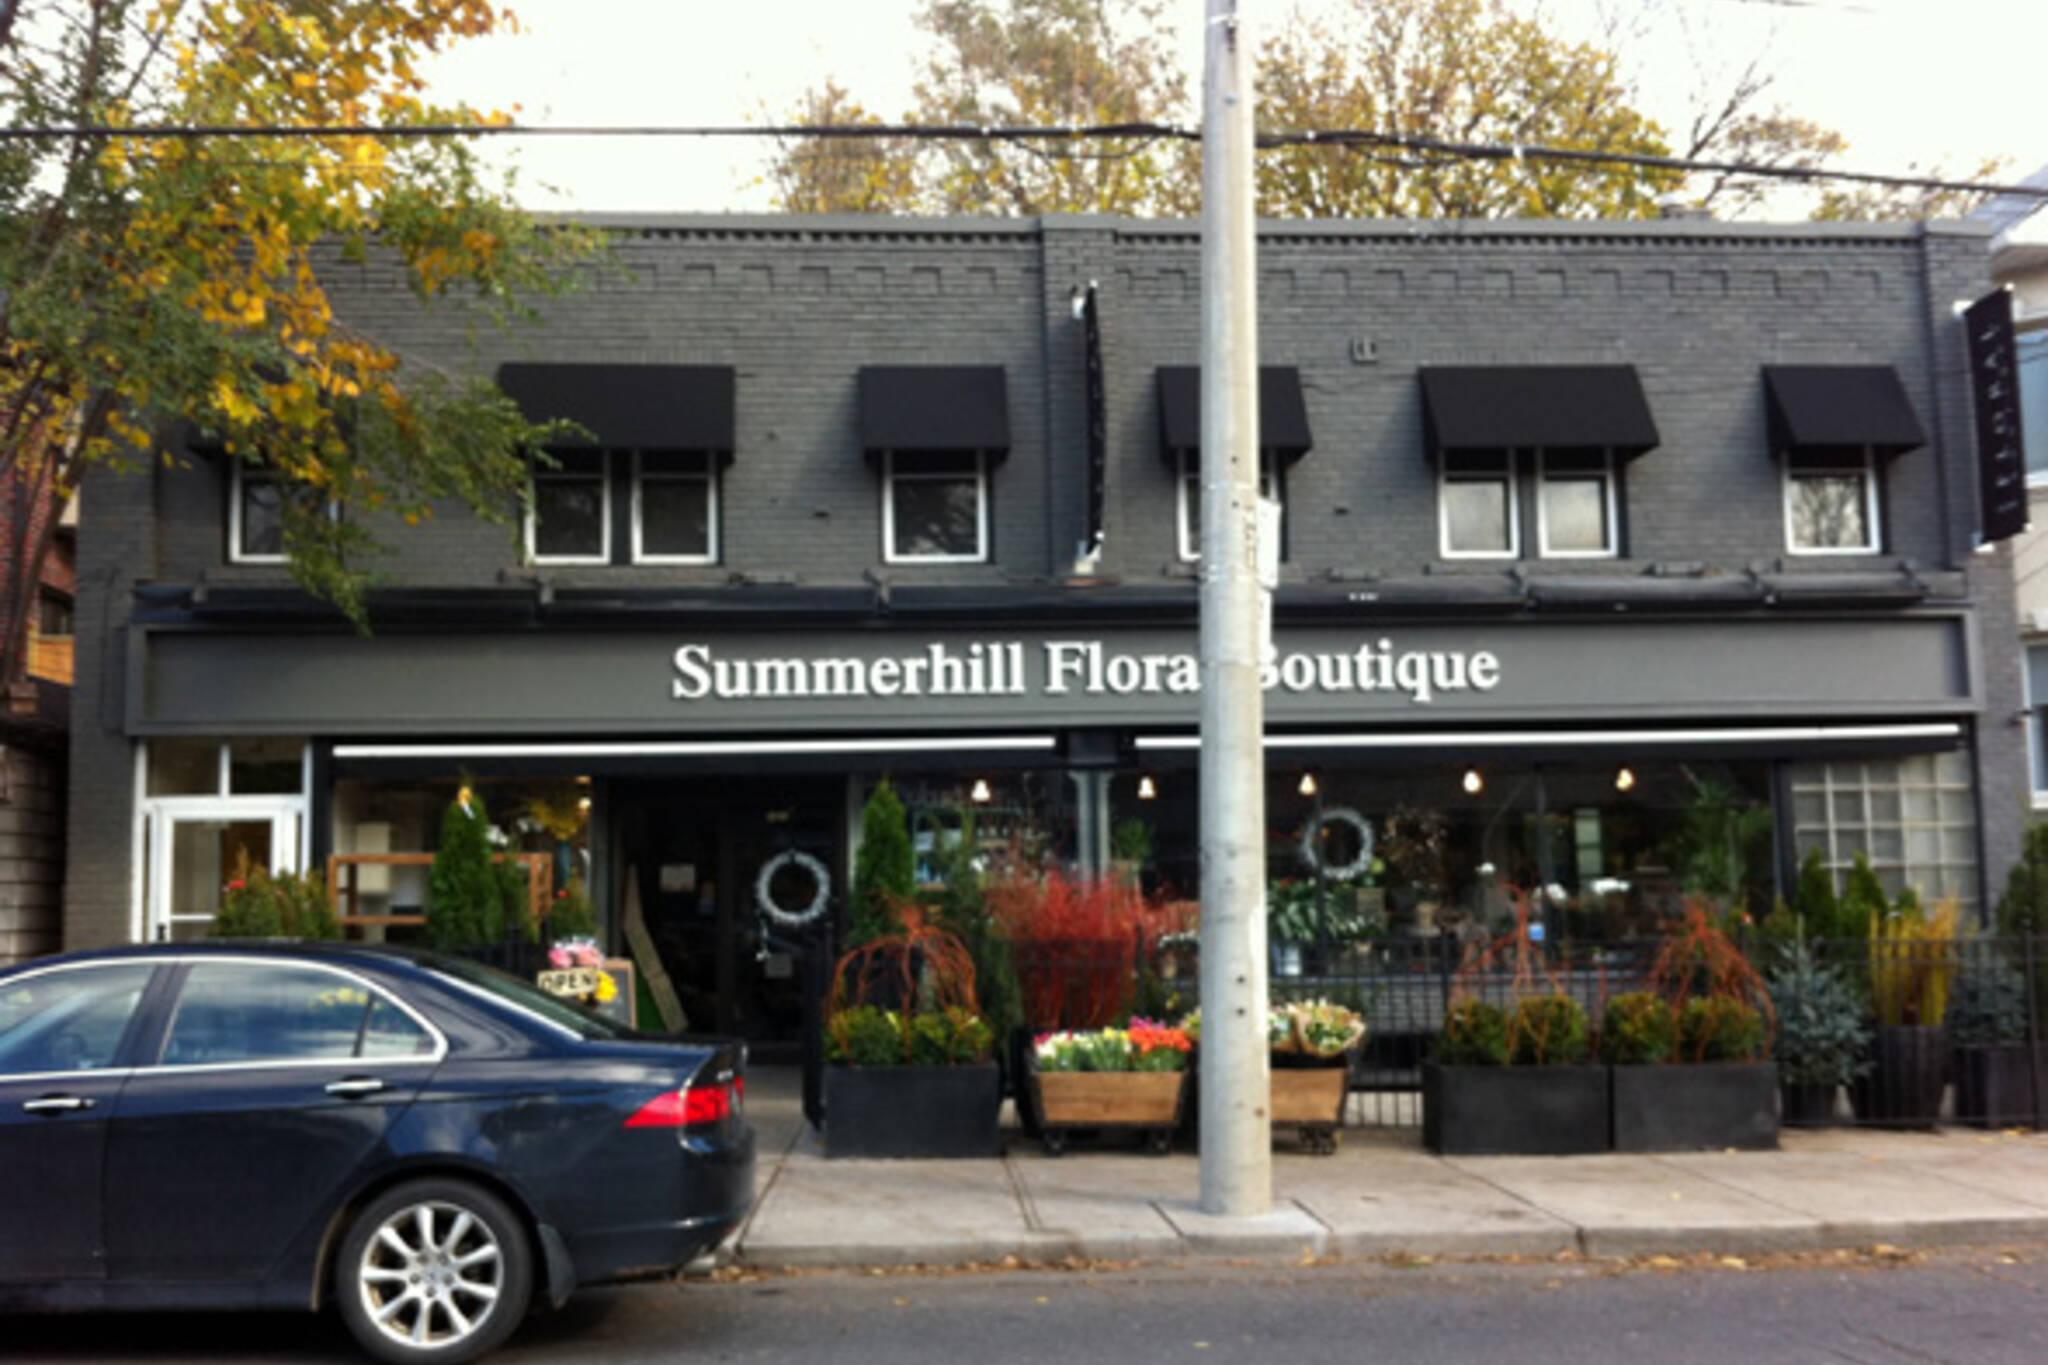 Summerhill Floral Boutique (Mt. Pleasant)